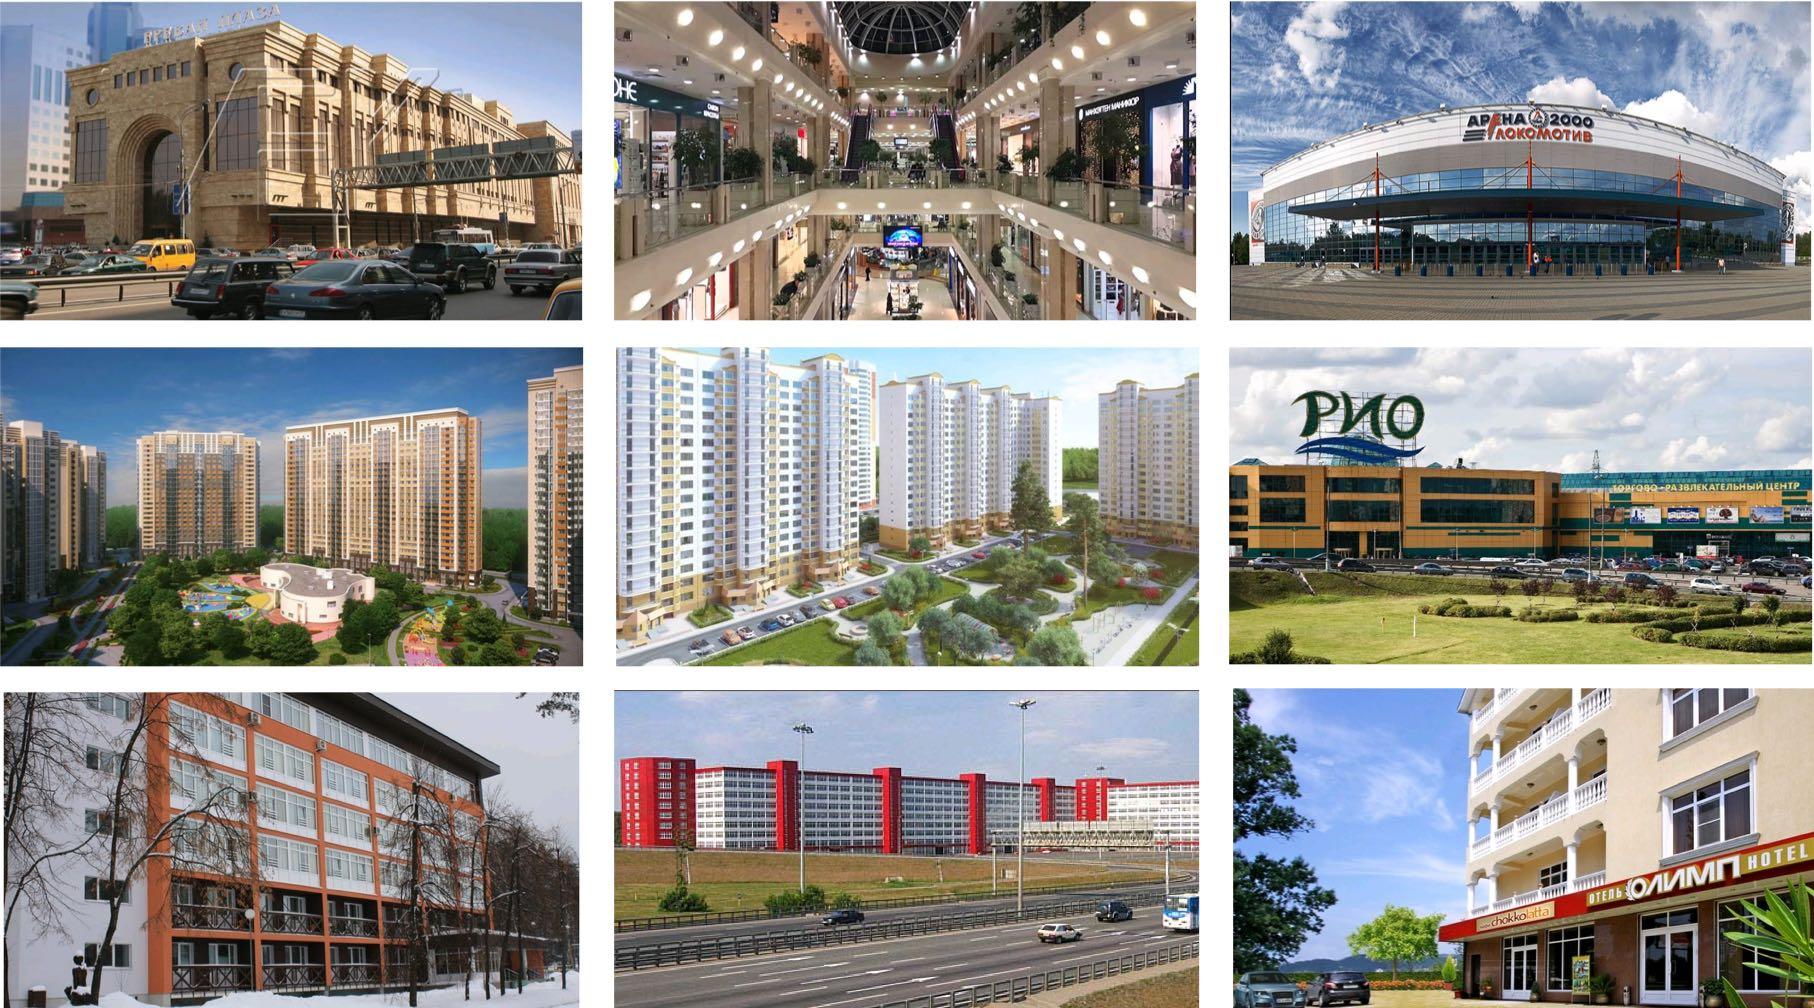 Адрес ооо строительная компания оримекс-сувар в городе Ижевск строительные теплоизолирующие материалы пенополестерол цена